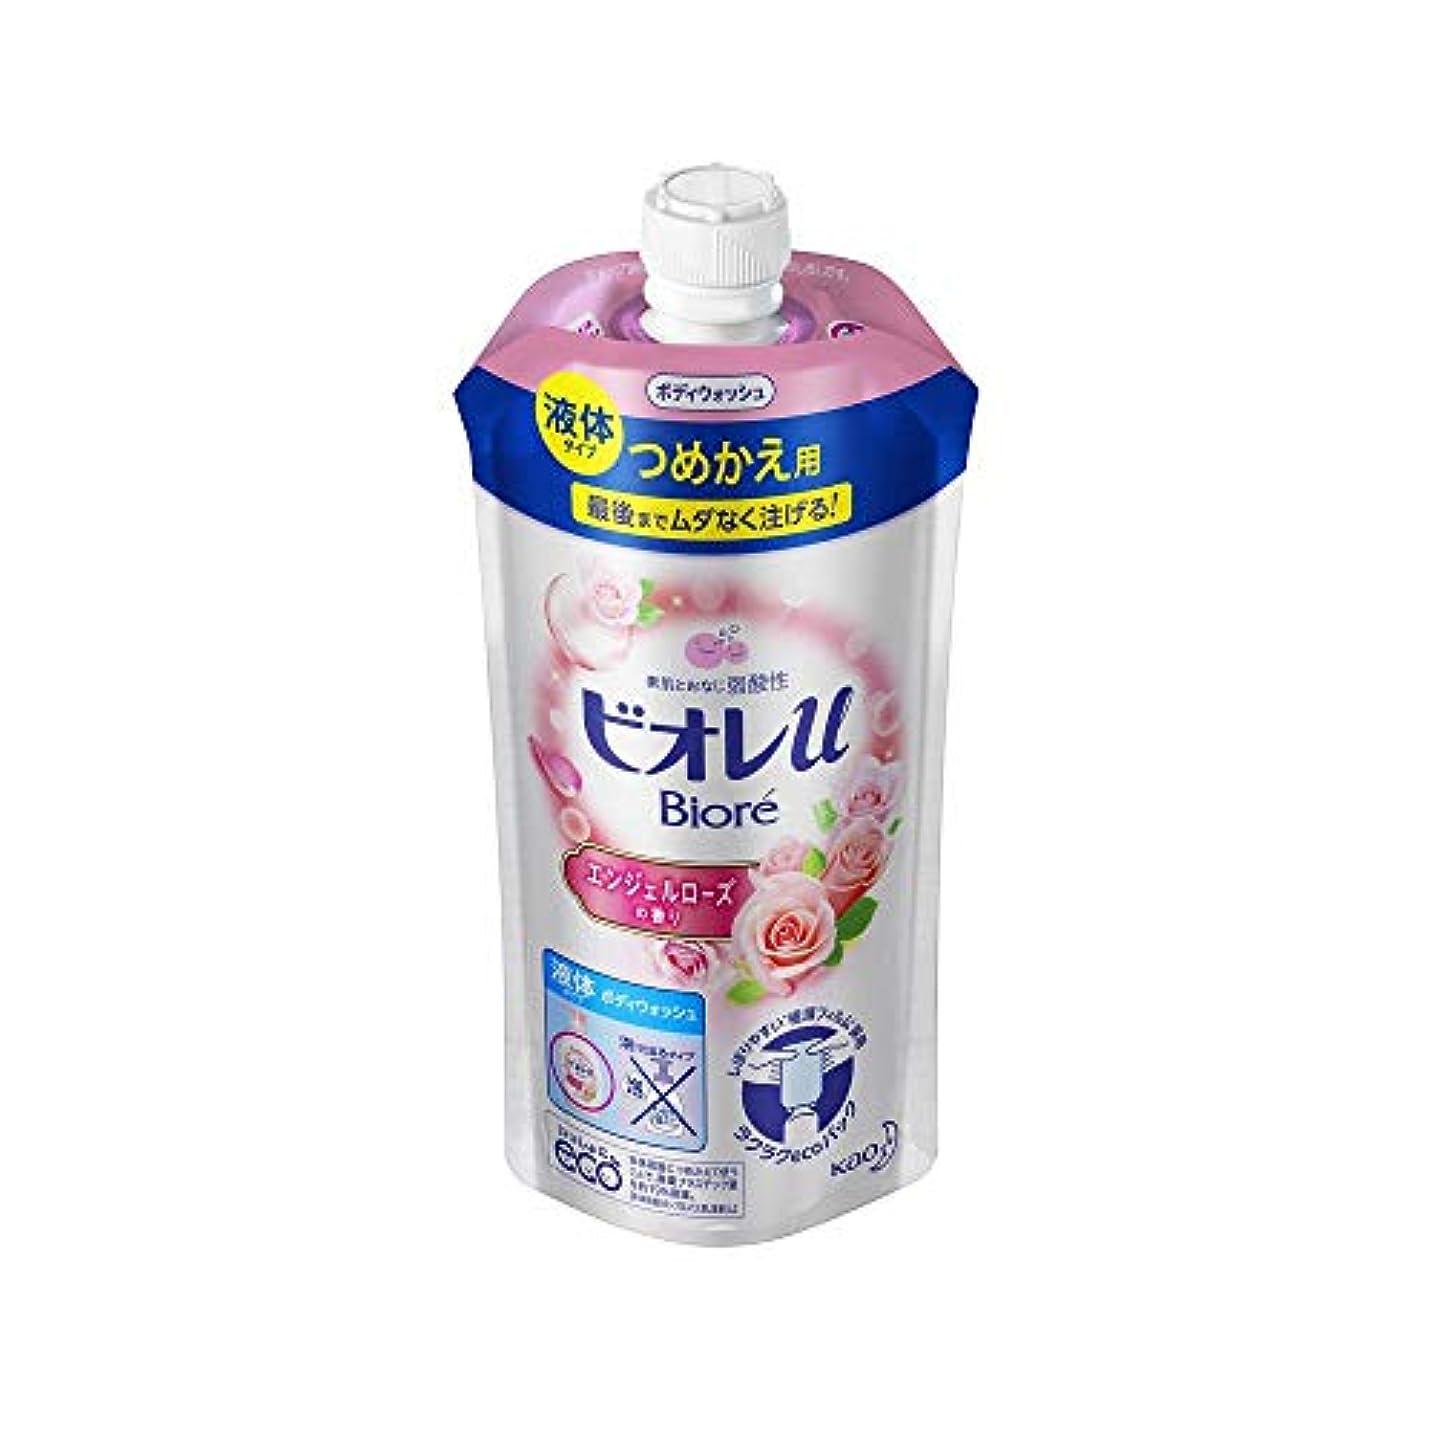 軽蔑するロードハウスに勝る花王 ビオレu エンジェルローズの香りつめかえ用 340ML